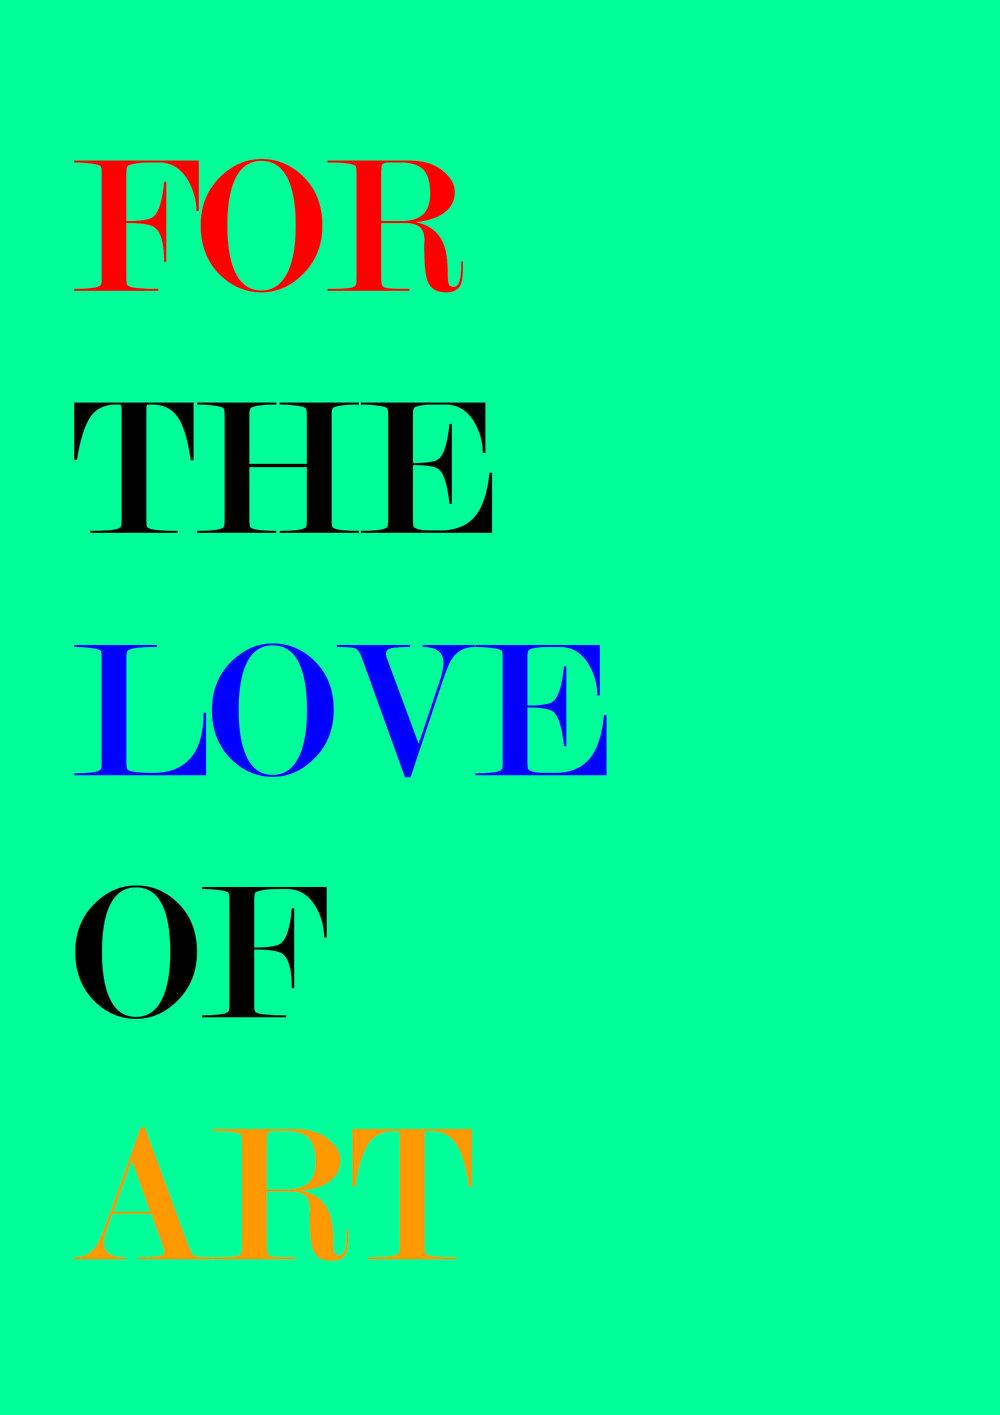 For_the_love_of_art_cover.jpg